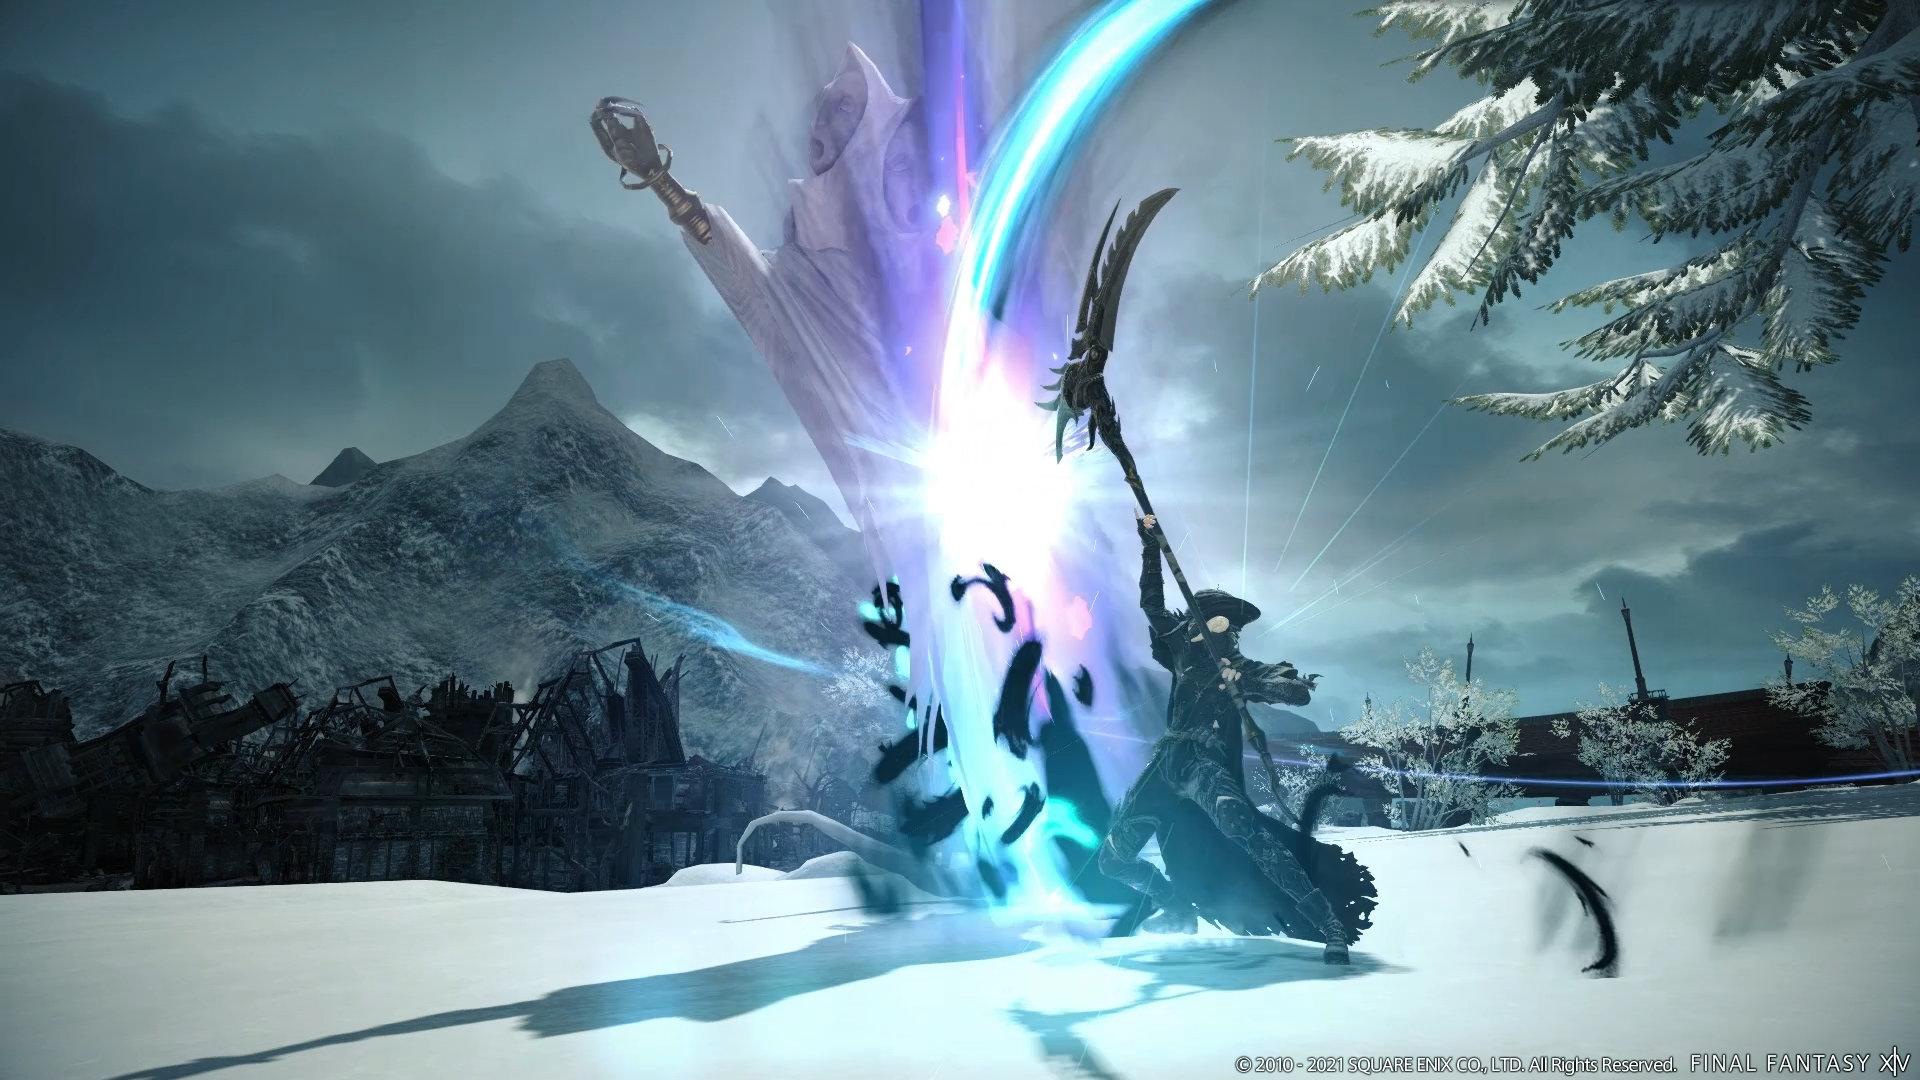 The Reaper Class in Final Fantasy XIV: Endwalker